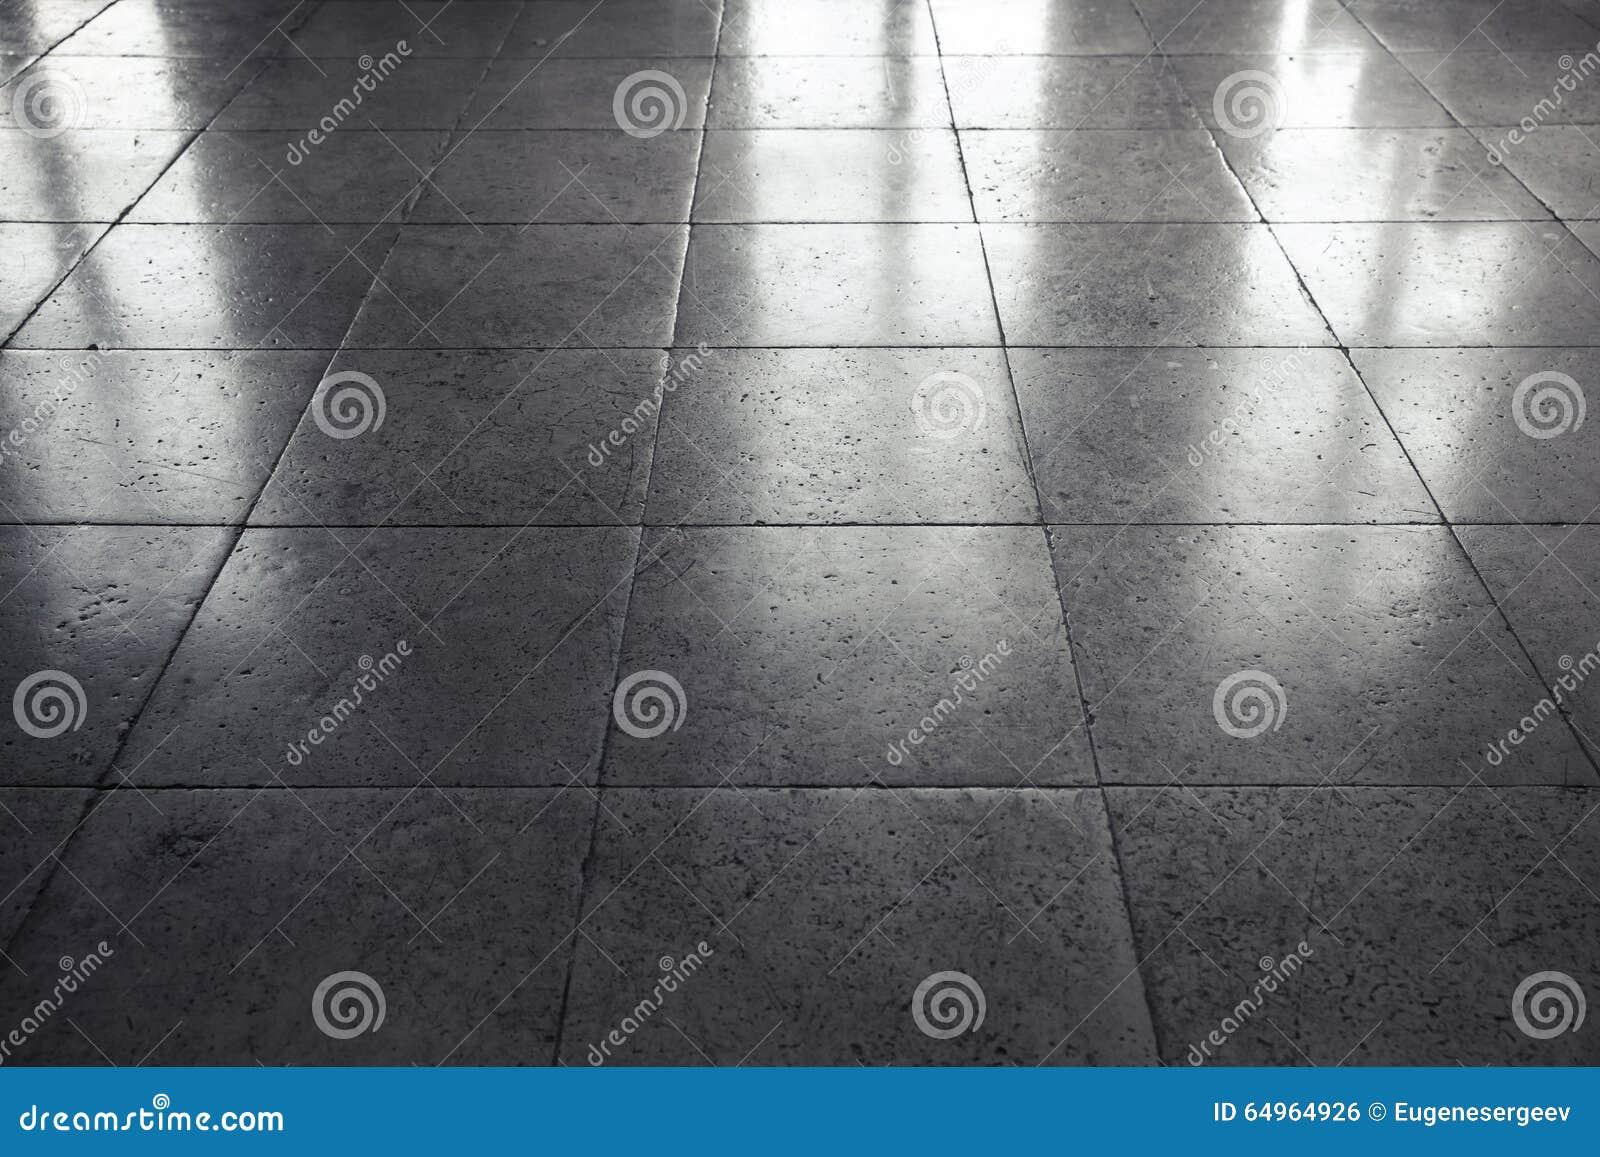 Embaldosado de piedra gris brillante del piso fondo foto for Suelo negro brillante